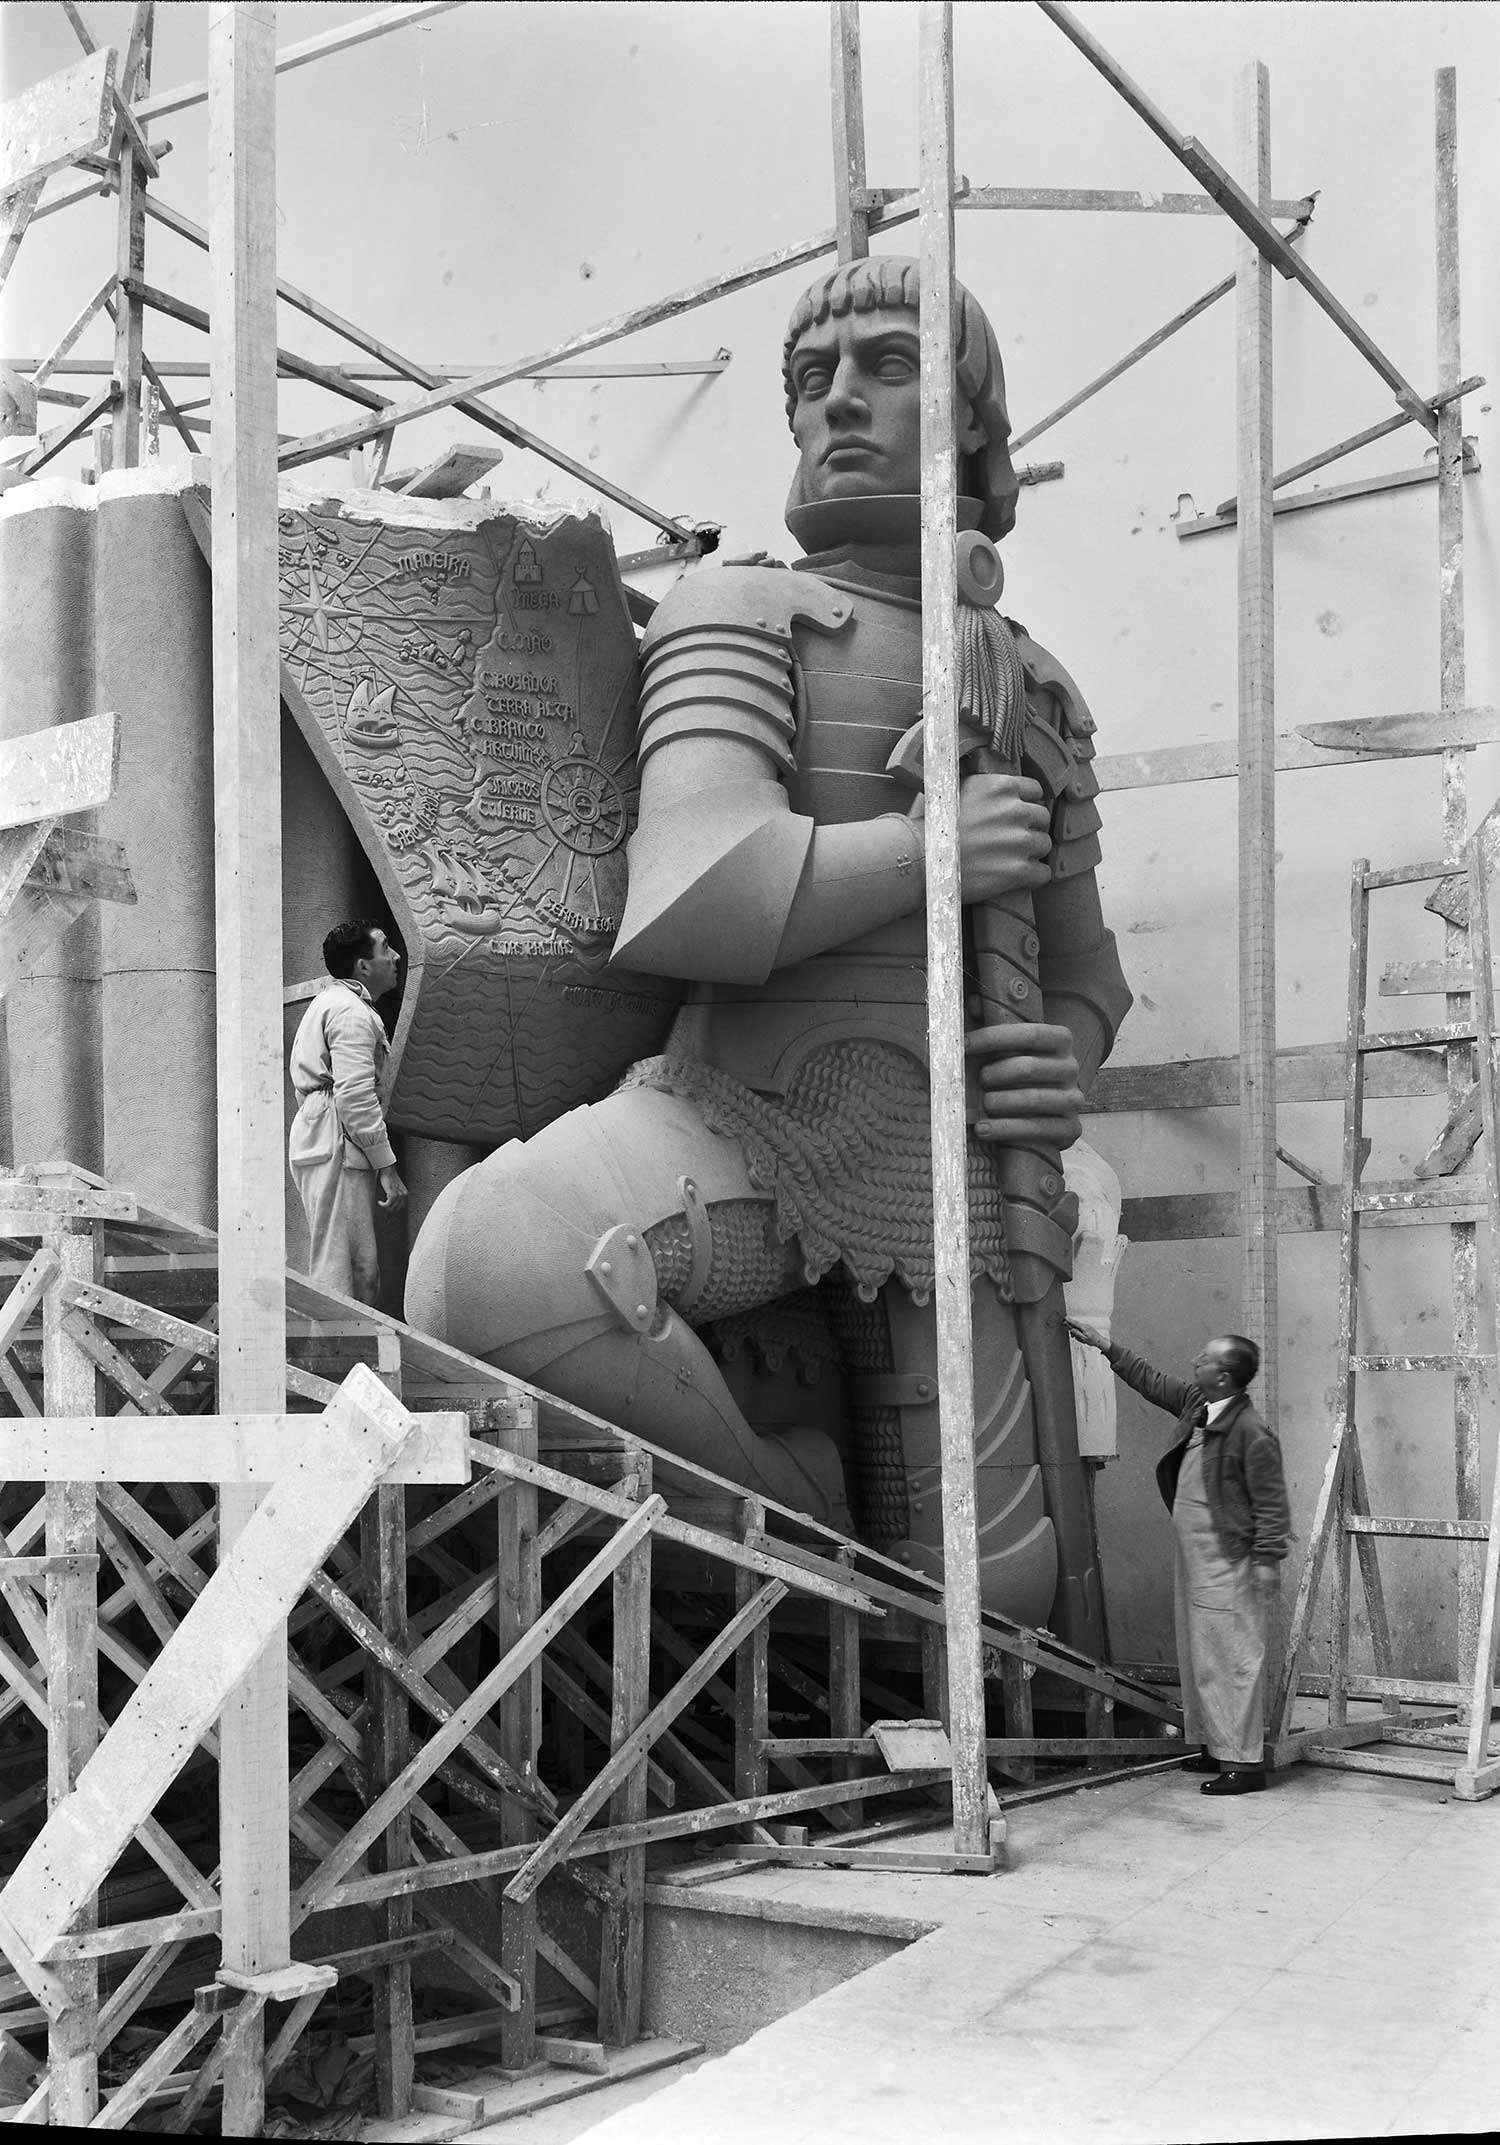 BUILDING THE MONUMENT TO THE DISCOVERIES  Photo: Horácio Novais, ca. 1938-1939, Lisbon  Biblioteca de Arte da Fundação Calouste Gulbenkian [CFT164_044089]